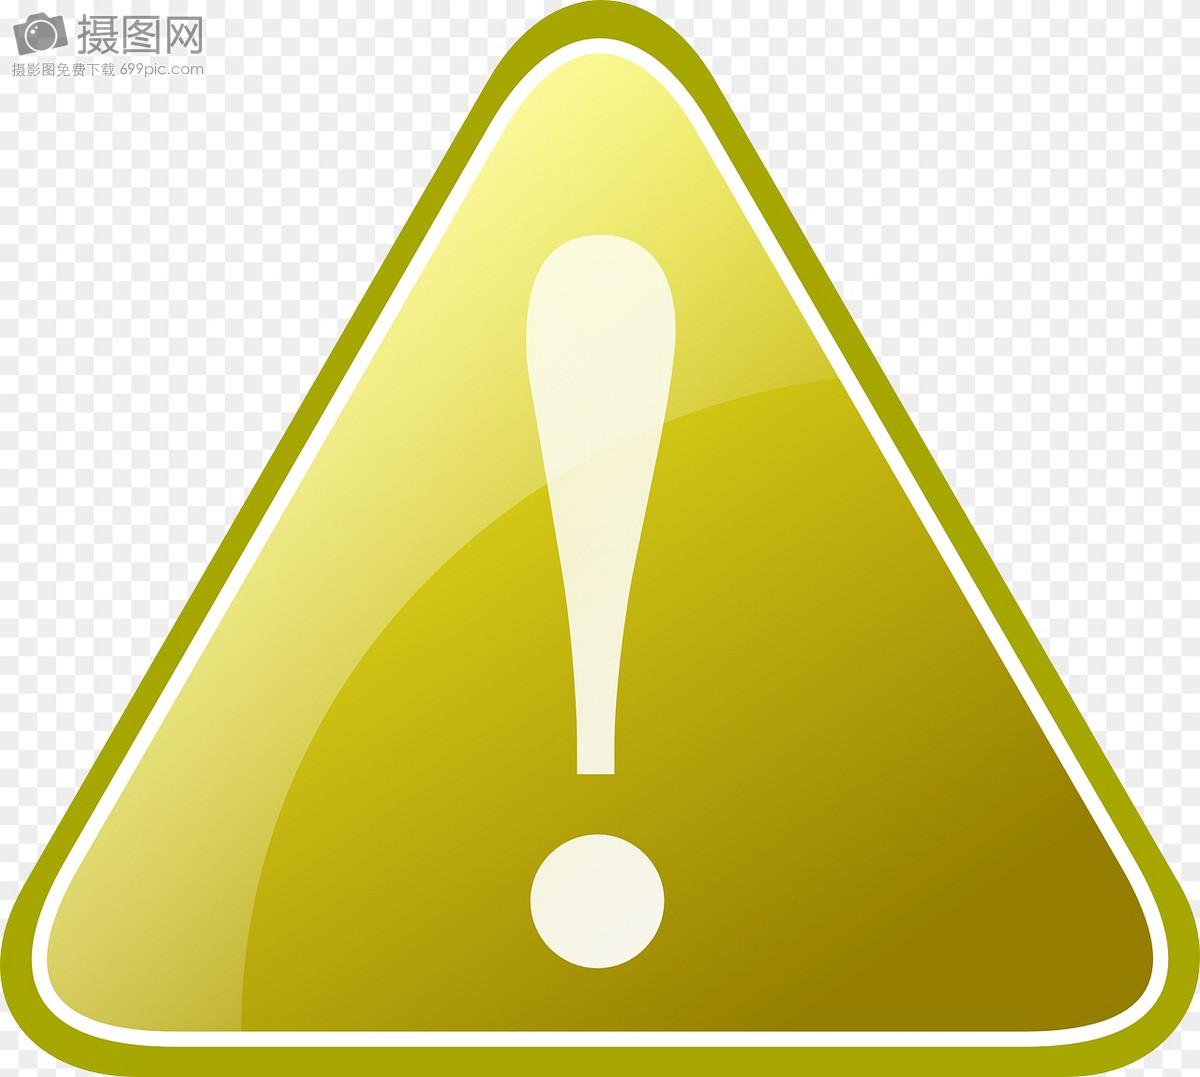 黄色惊叹号标识图片素材_免费下载_svg图片格式_高清